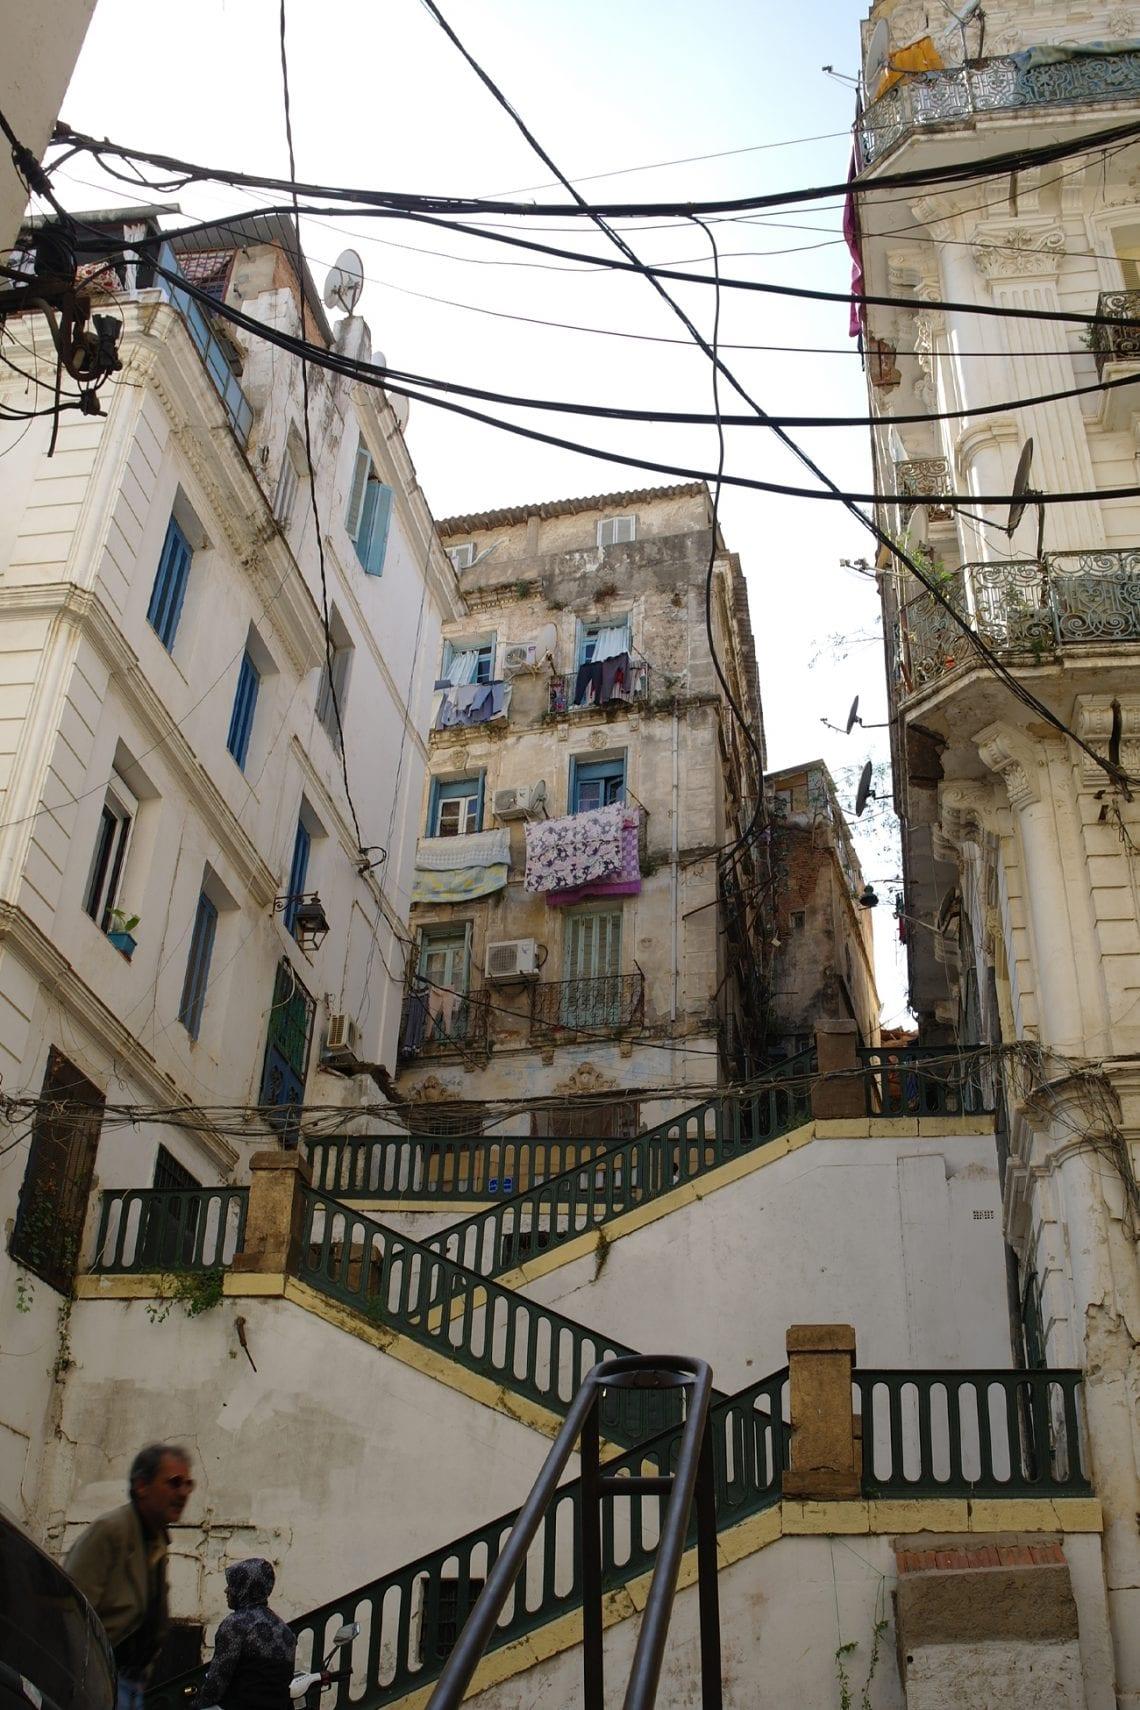 algiers cashah has some pretty steep streets